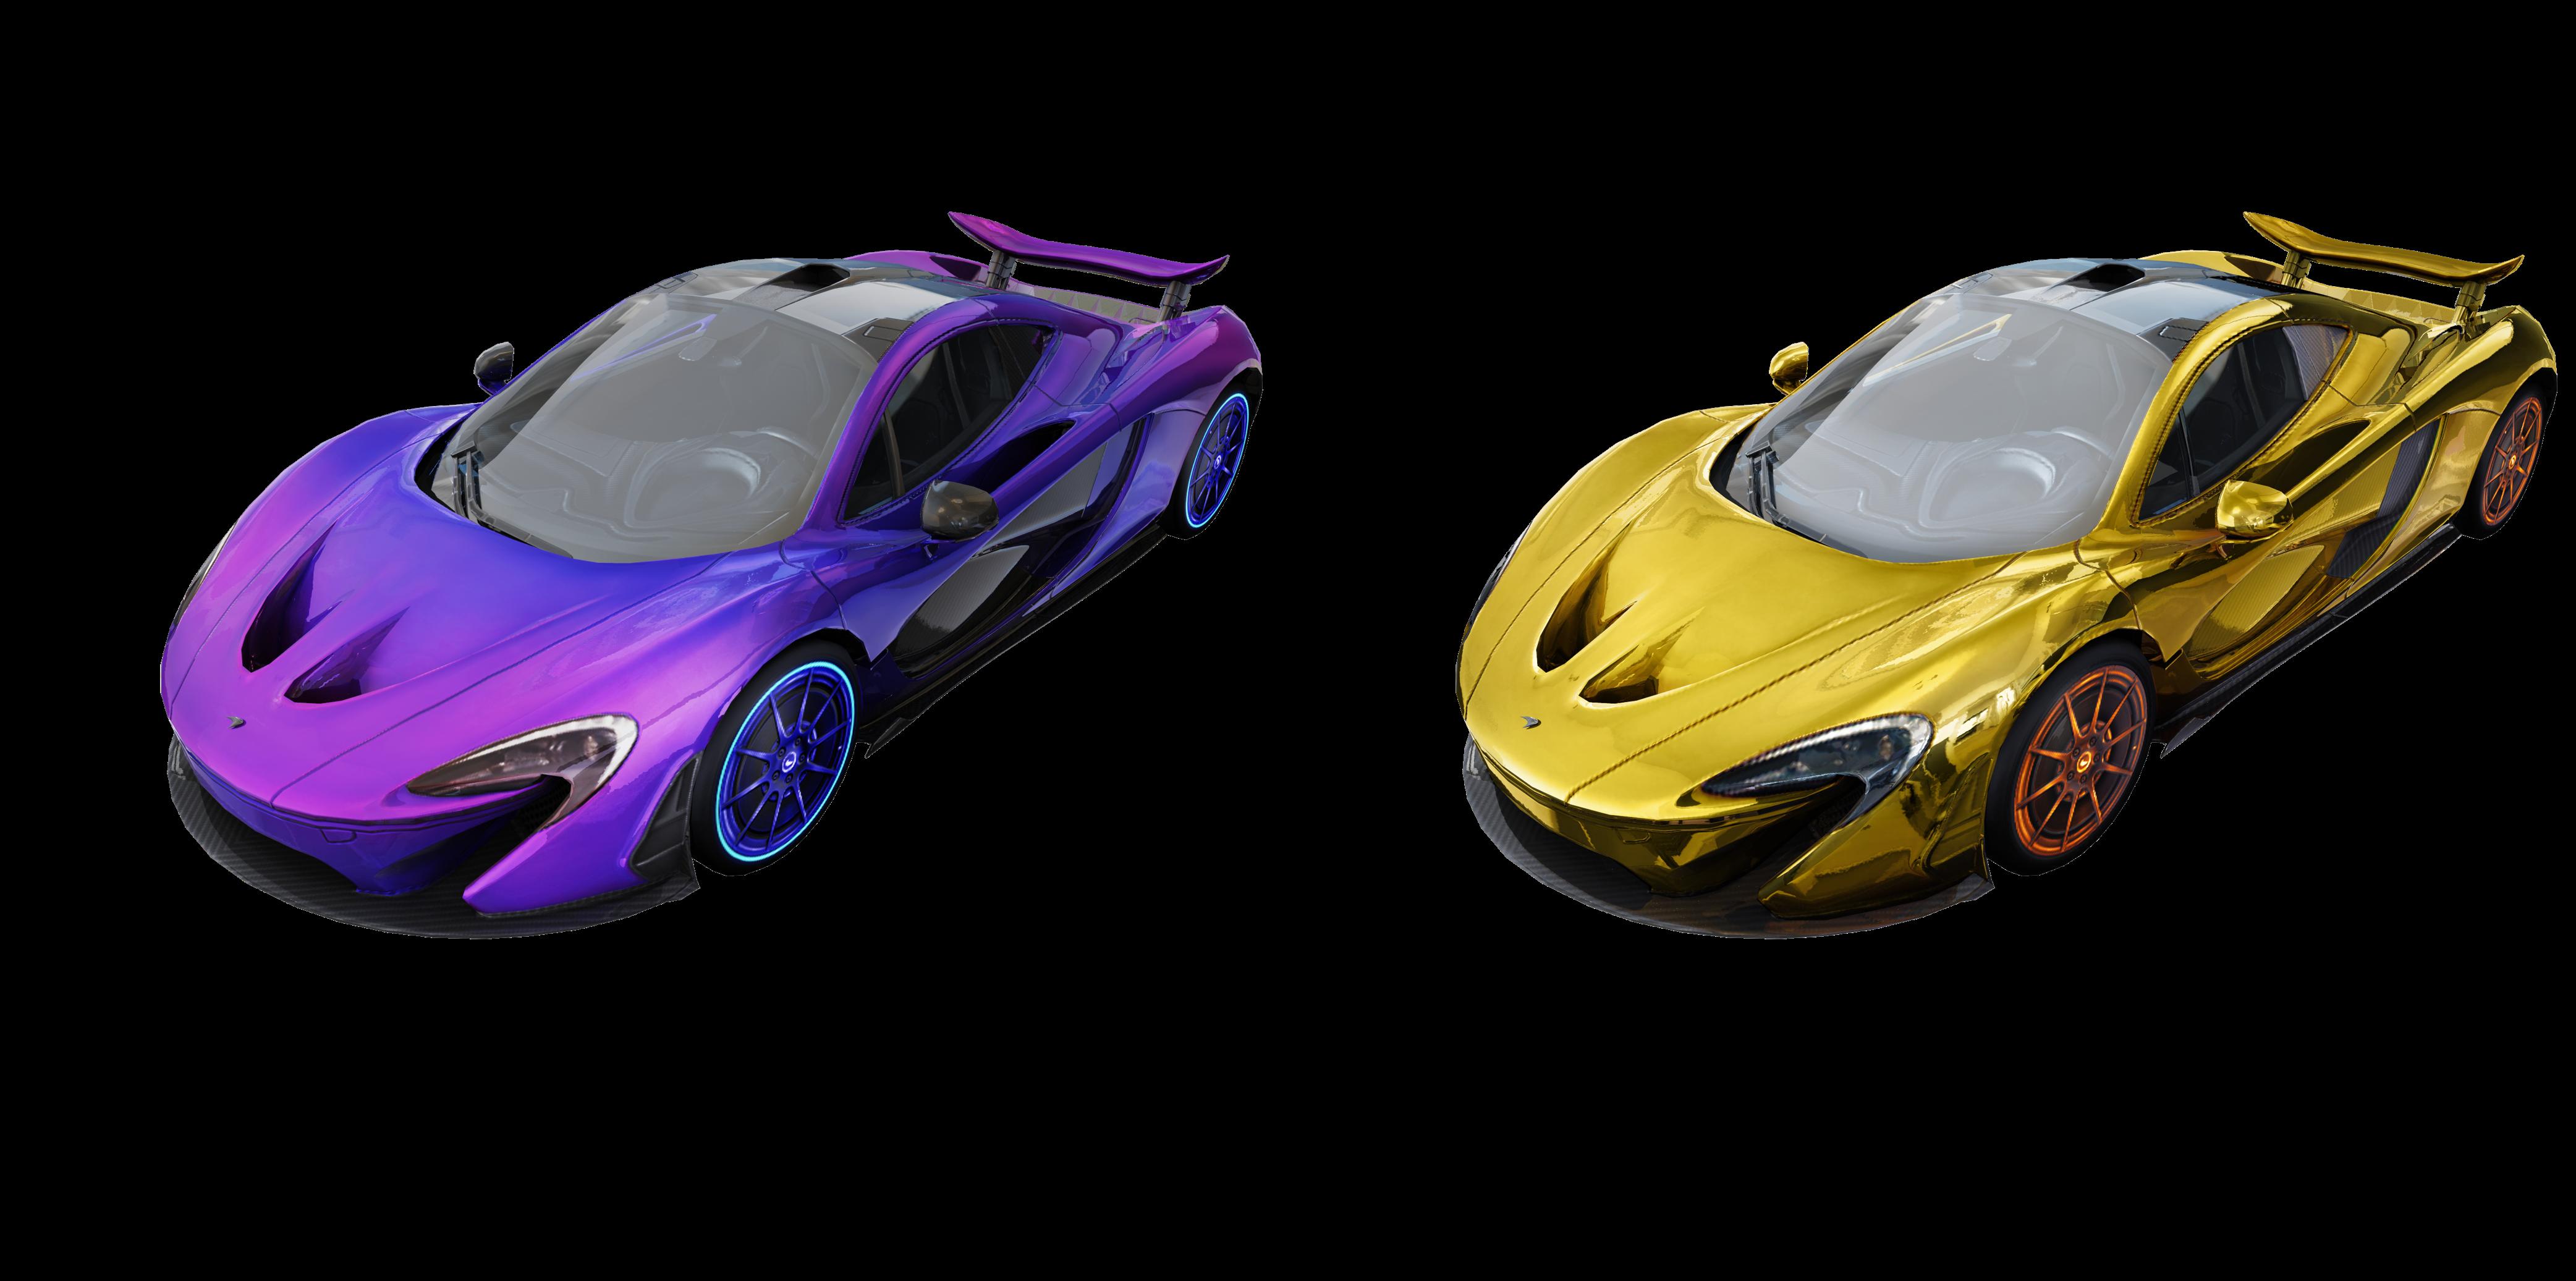 McLaren P1 ™ - Kyanos e McLaren P1 ™ - Gold Spark